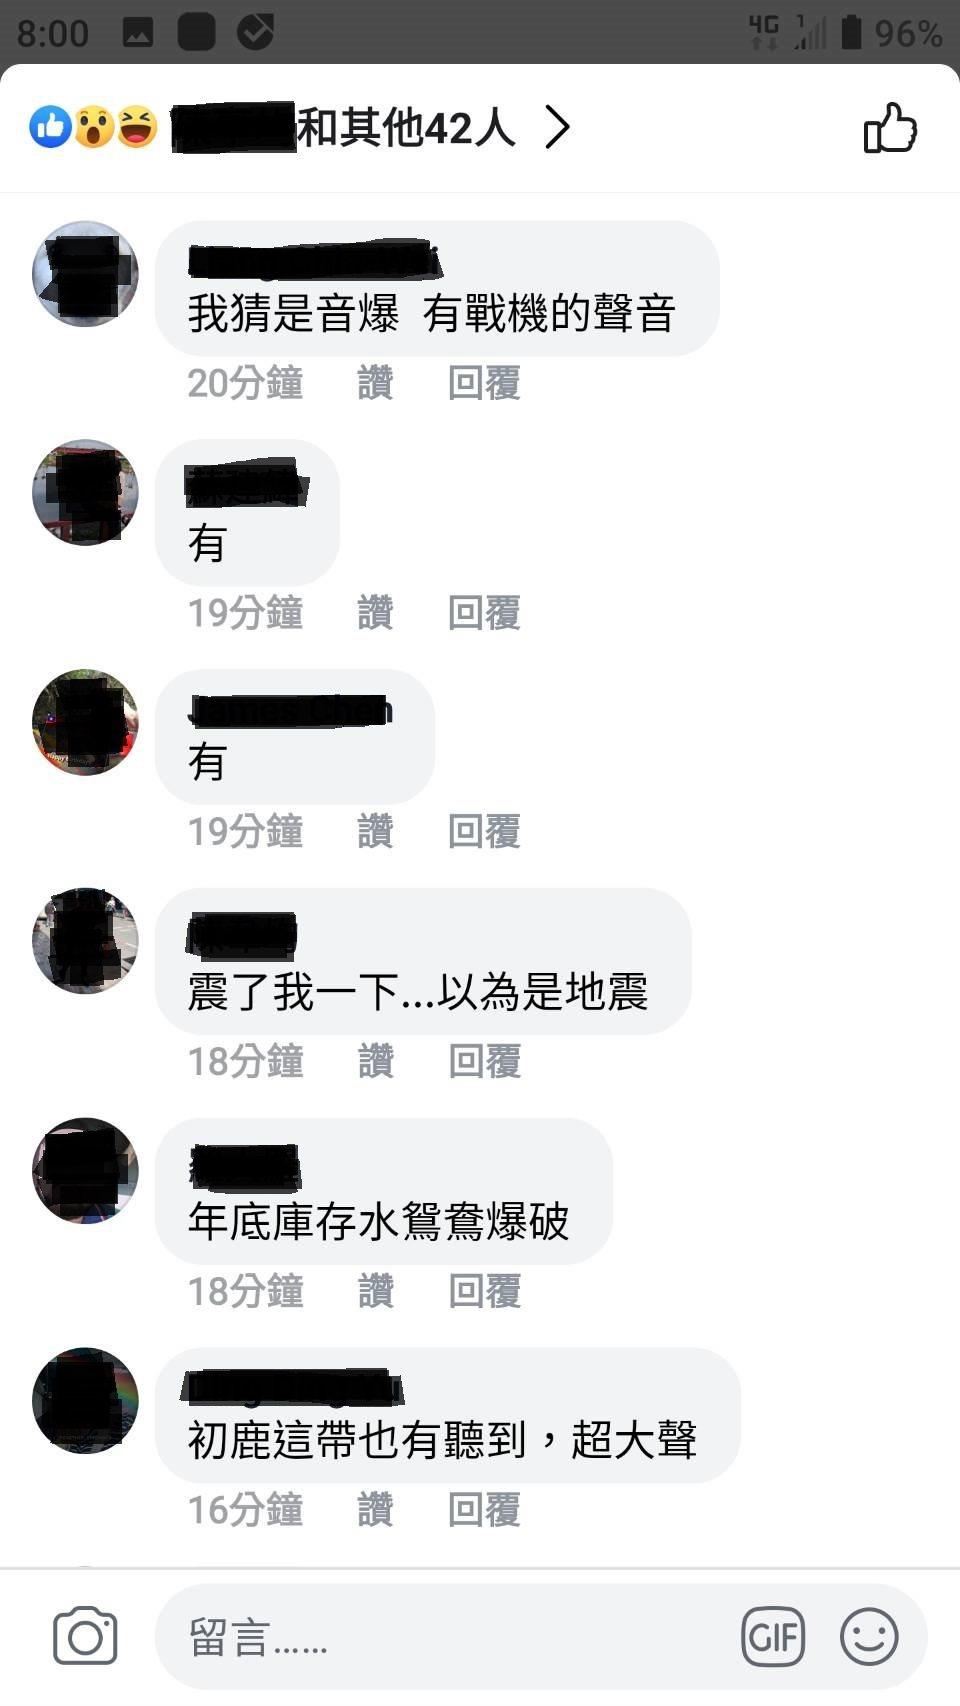 巨響發生後,網友紛紛在臉書熱議。記者尤聰光/翻攝